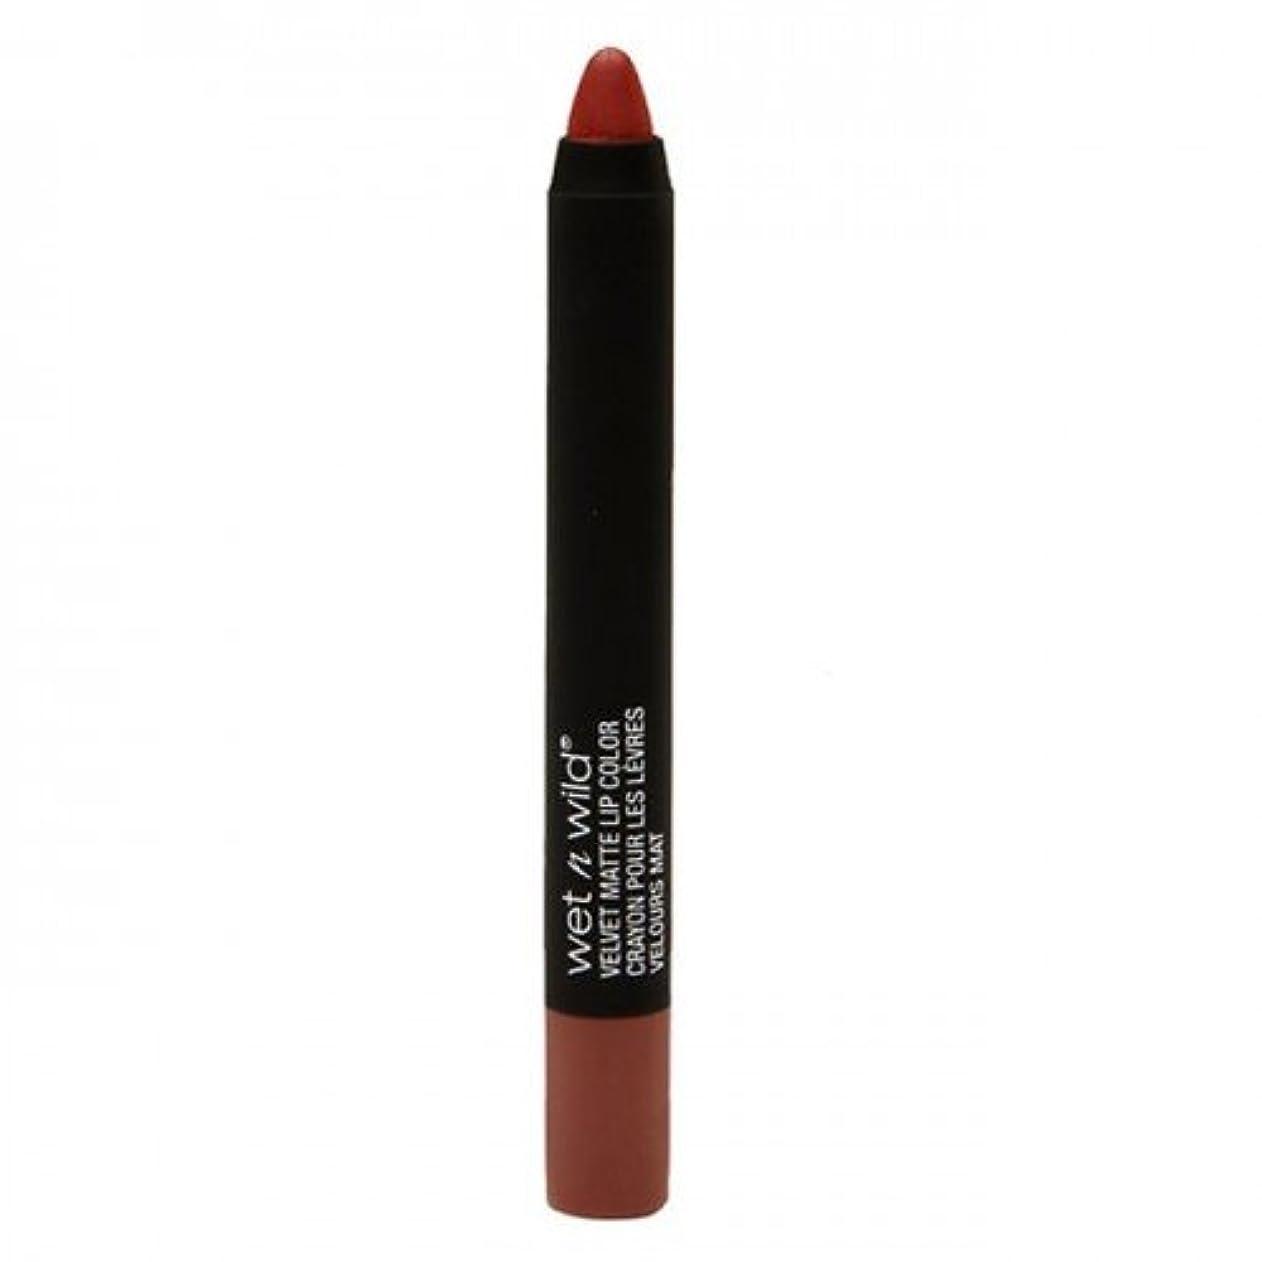 施したっぷり思い出させる(6 Pack) WET N WILD Velvet Matte Lip Color - Hickory Smoked (並行輸入品)